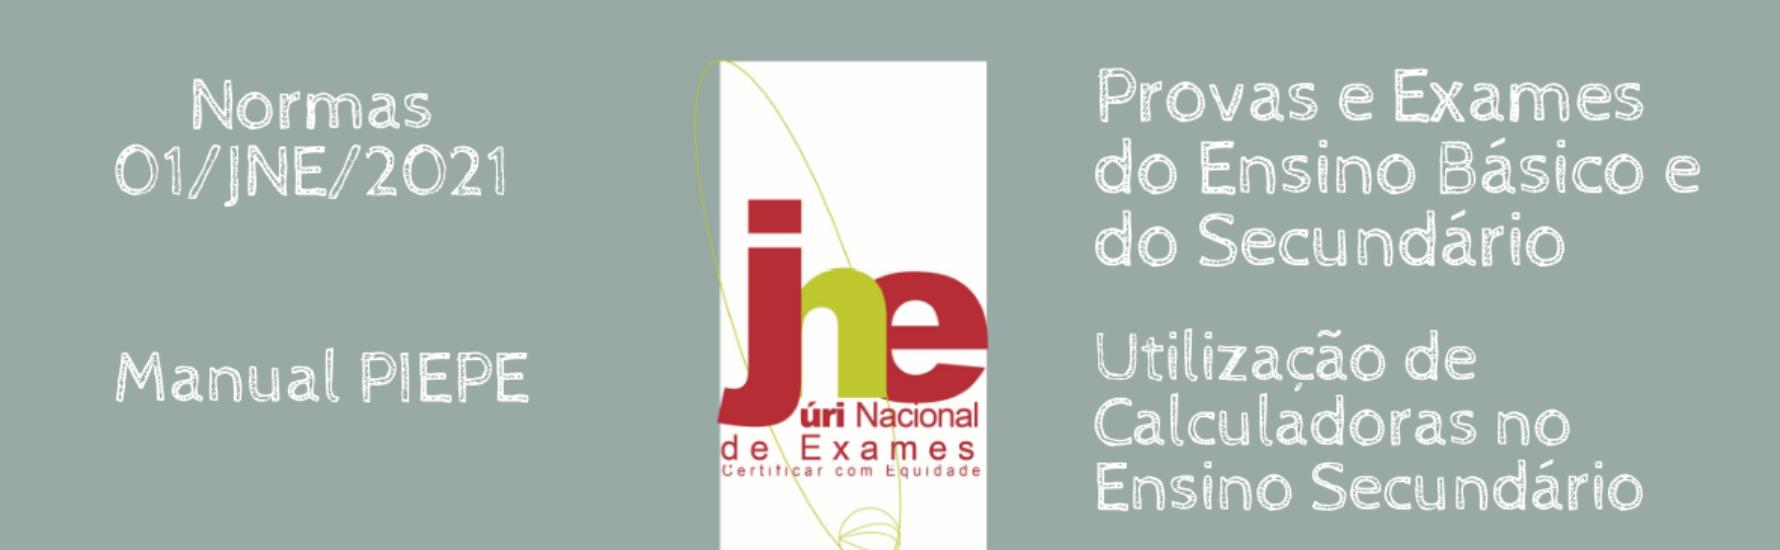 JNE Exames (3)